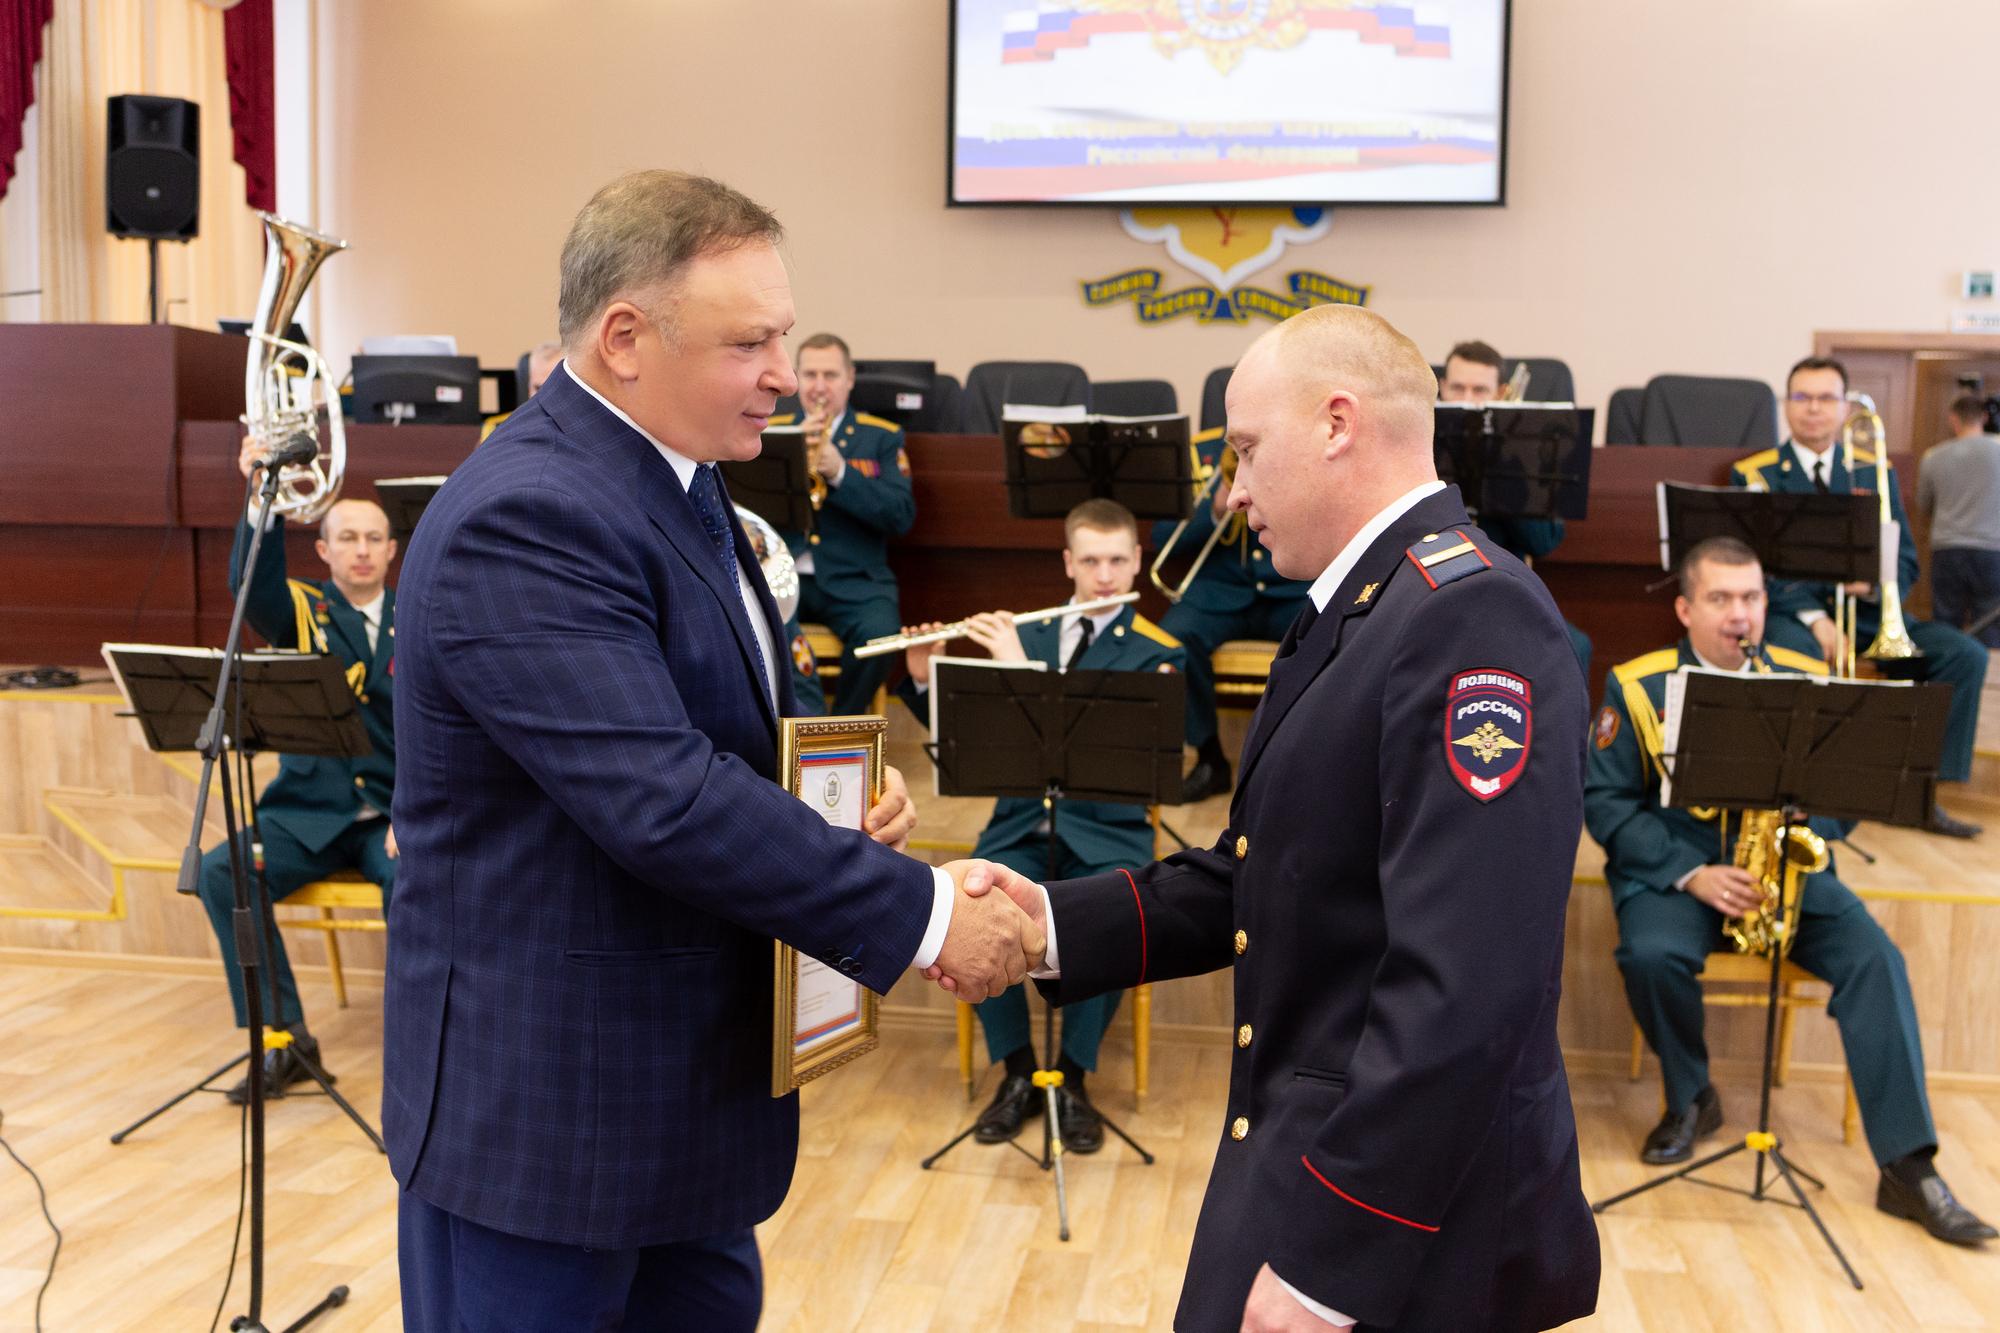 Олег Валенчук поздравил сотрудников полиции с профессиональным праздником